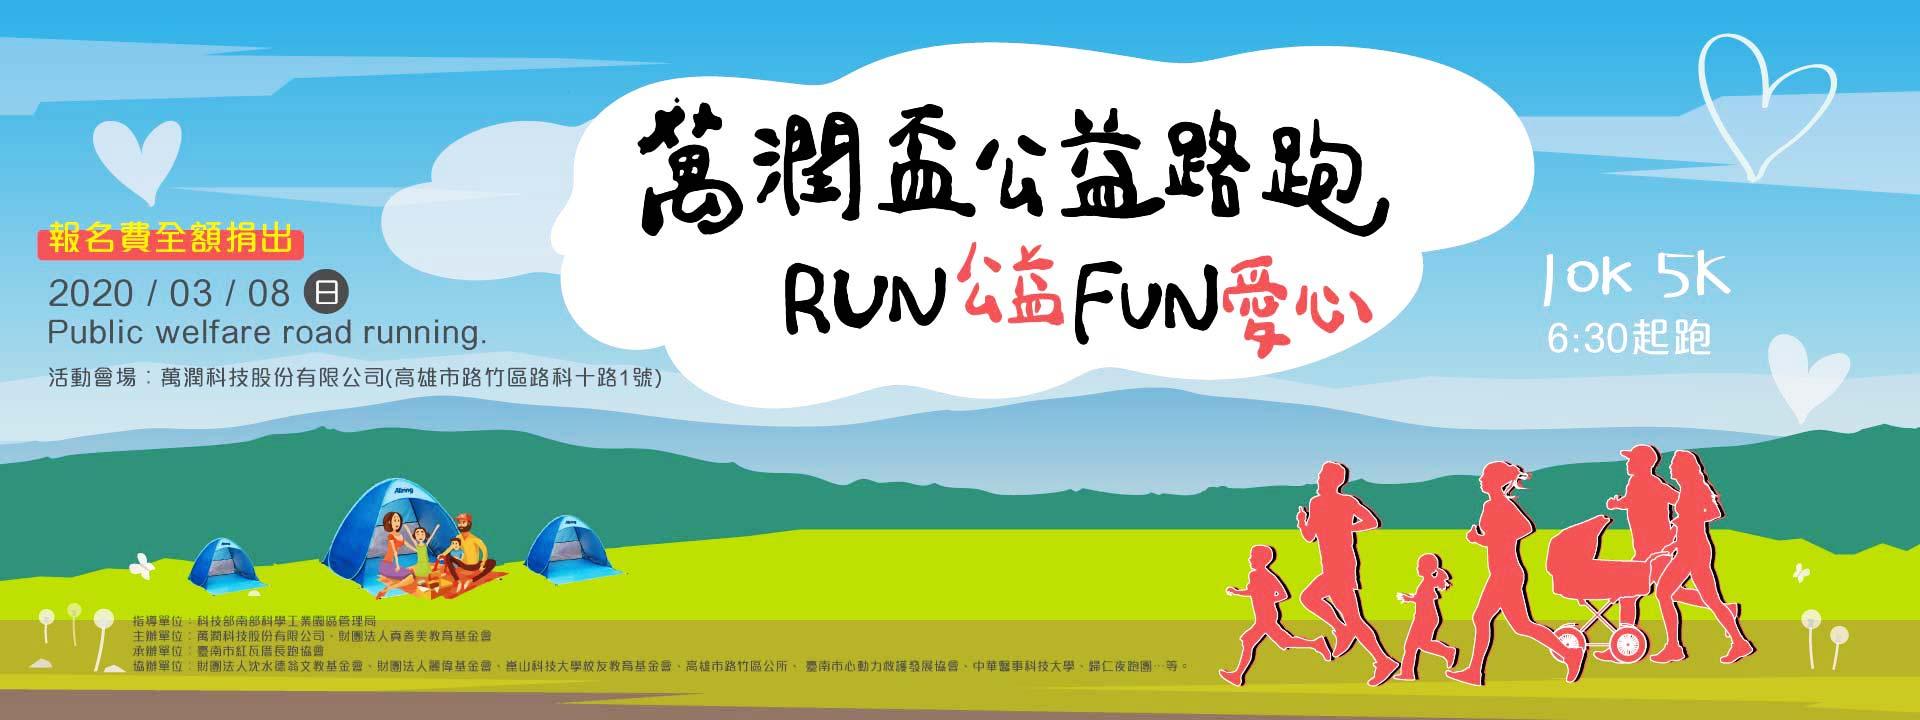 2020 萬潤盃公益路跑Run公益Fun愛心